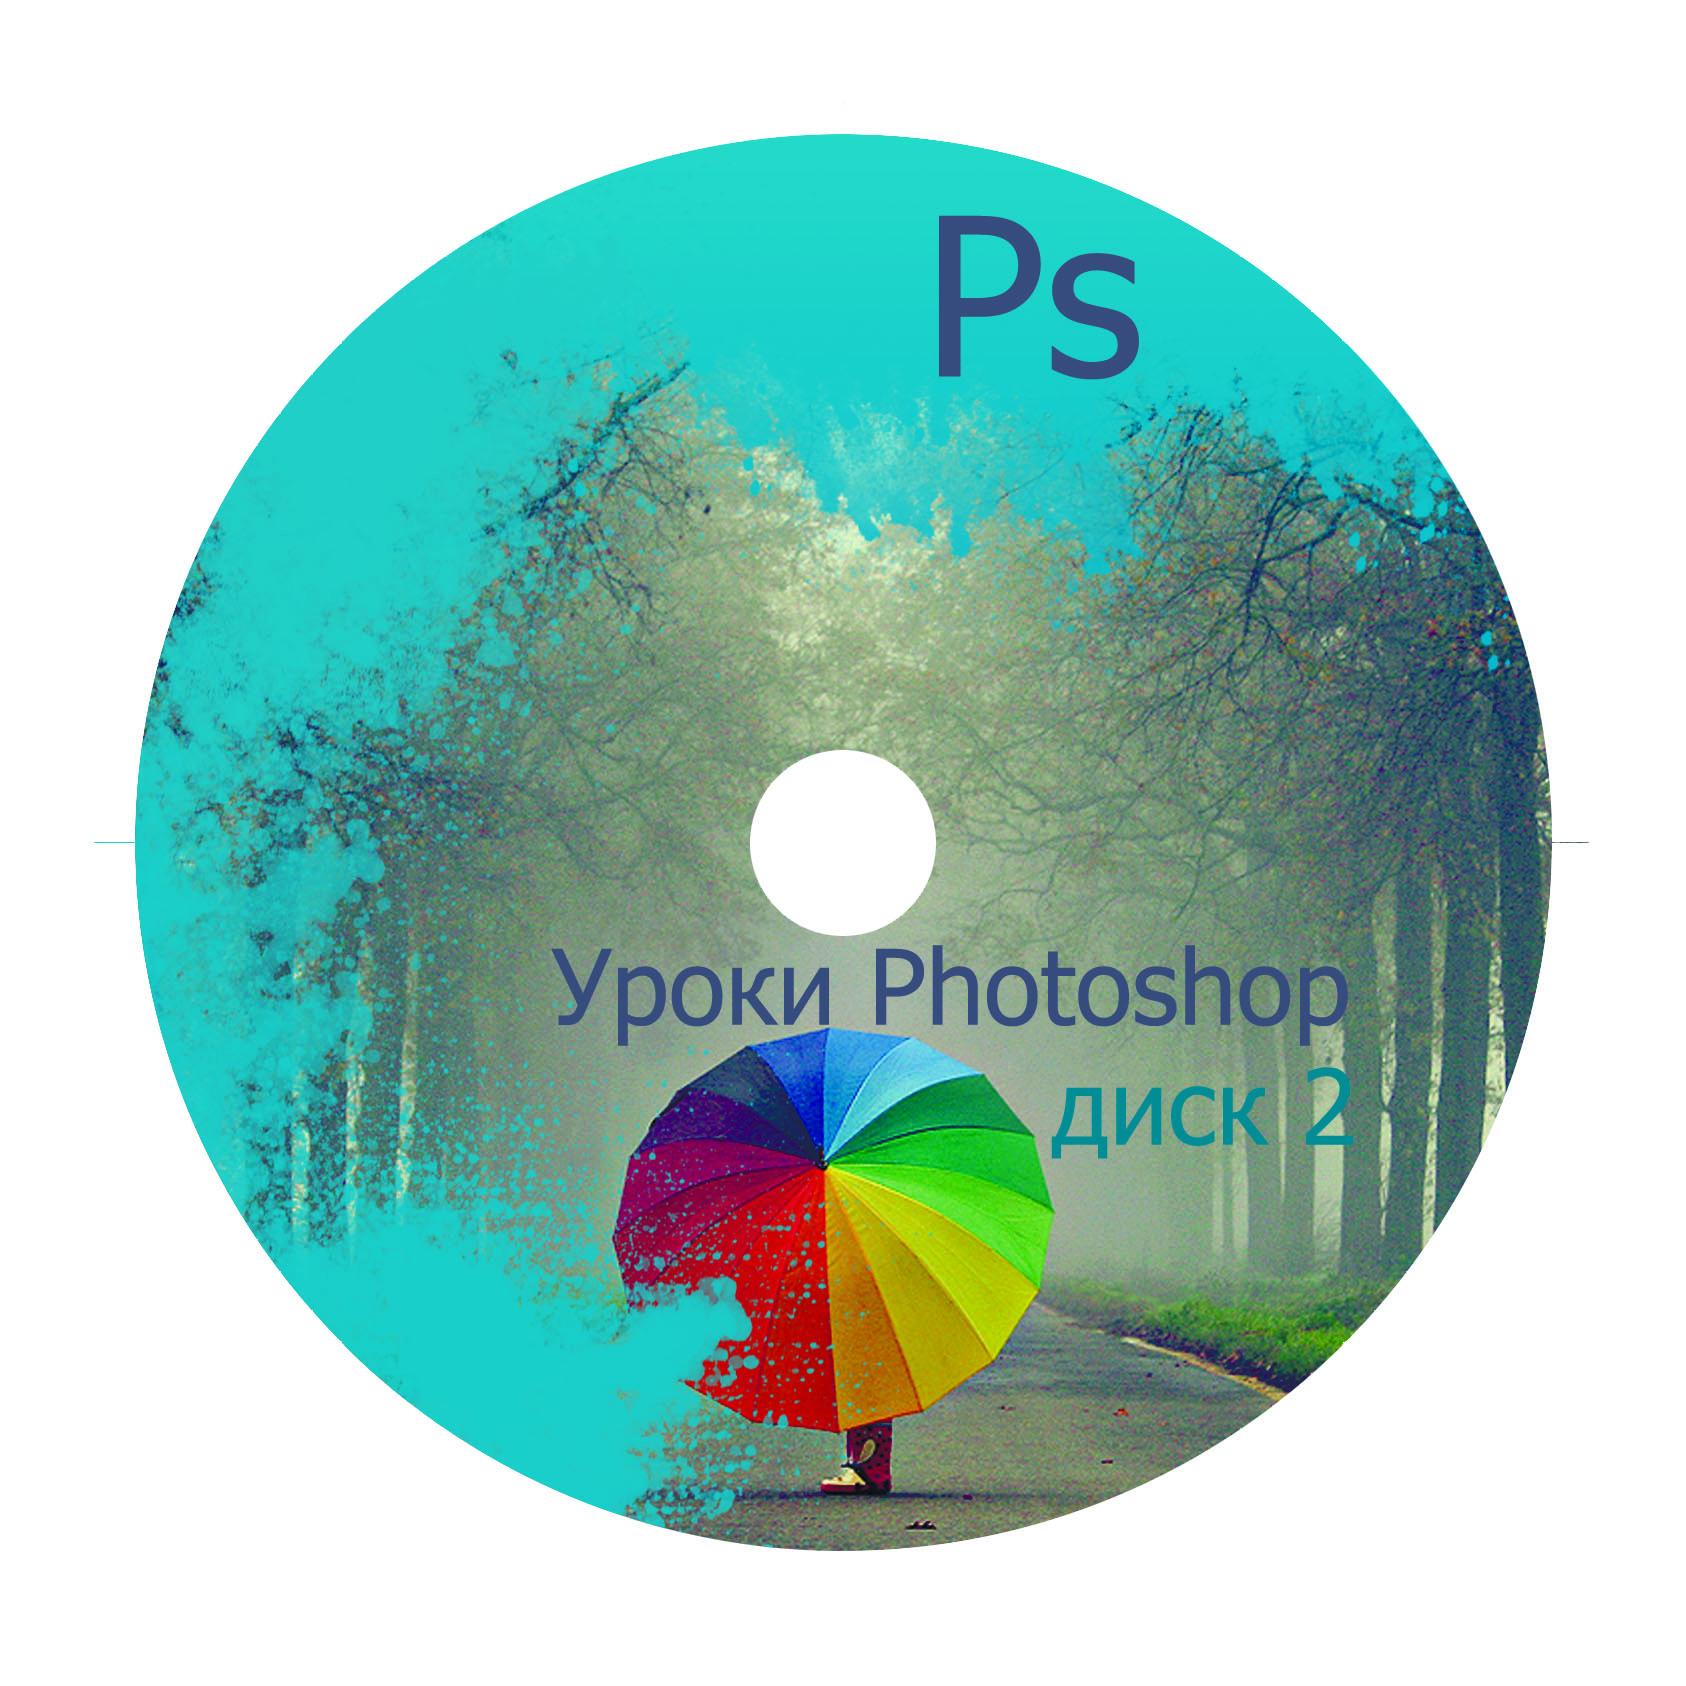 Создание дизайна DVD релиза (обложка, накатка, меню и т.п.) фото f_4d8c6478430d8.jpg